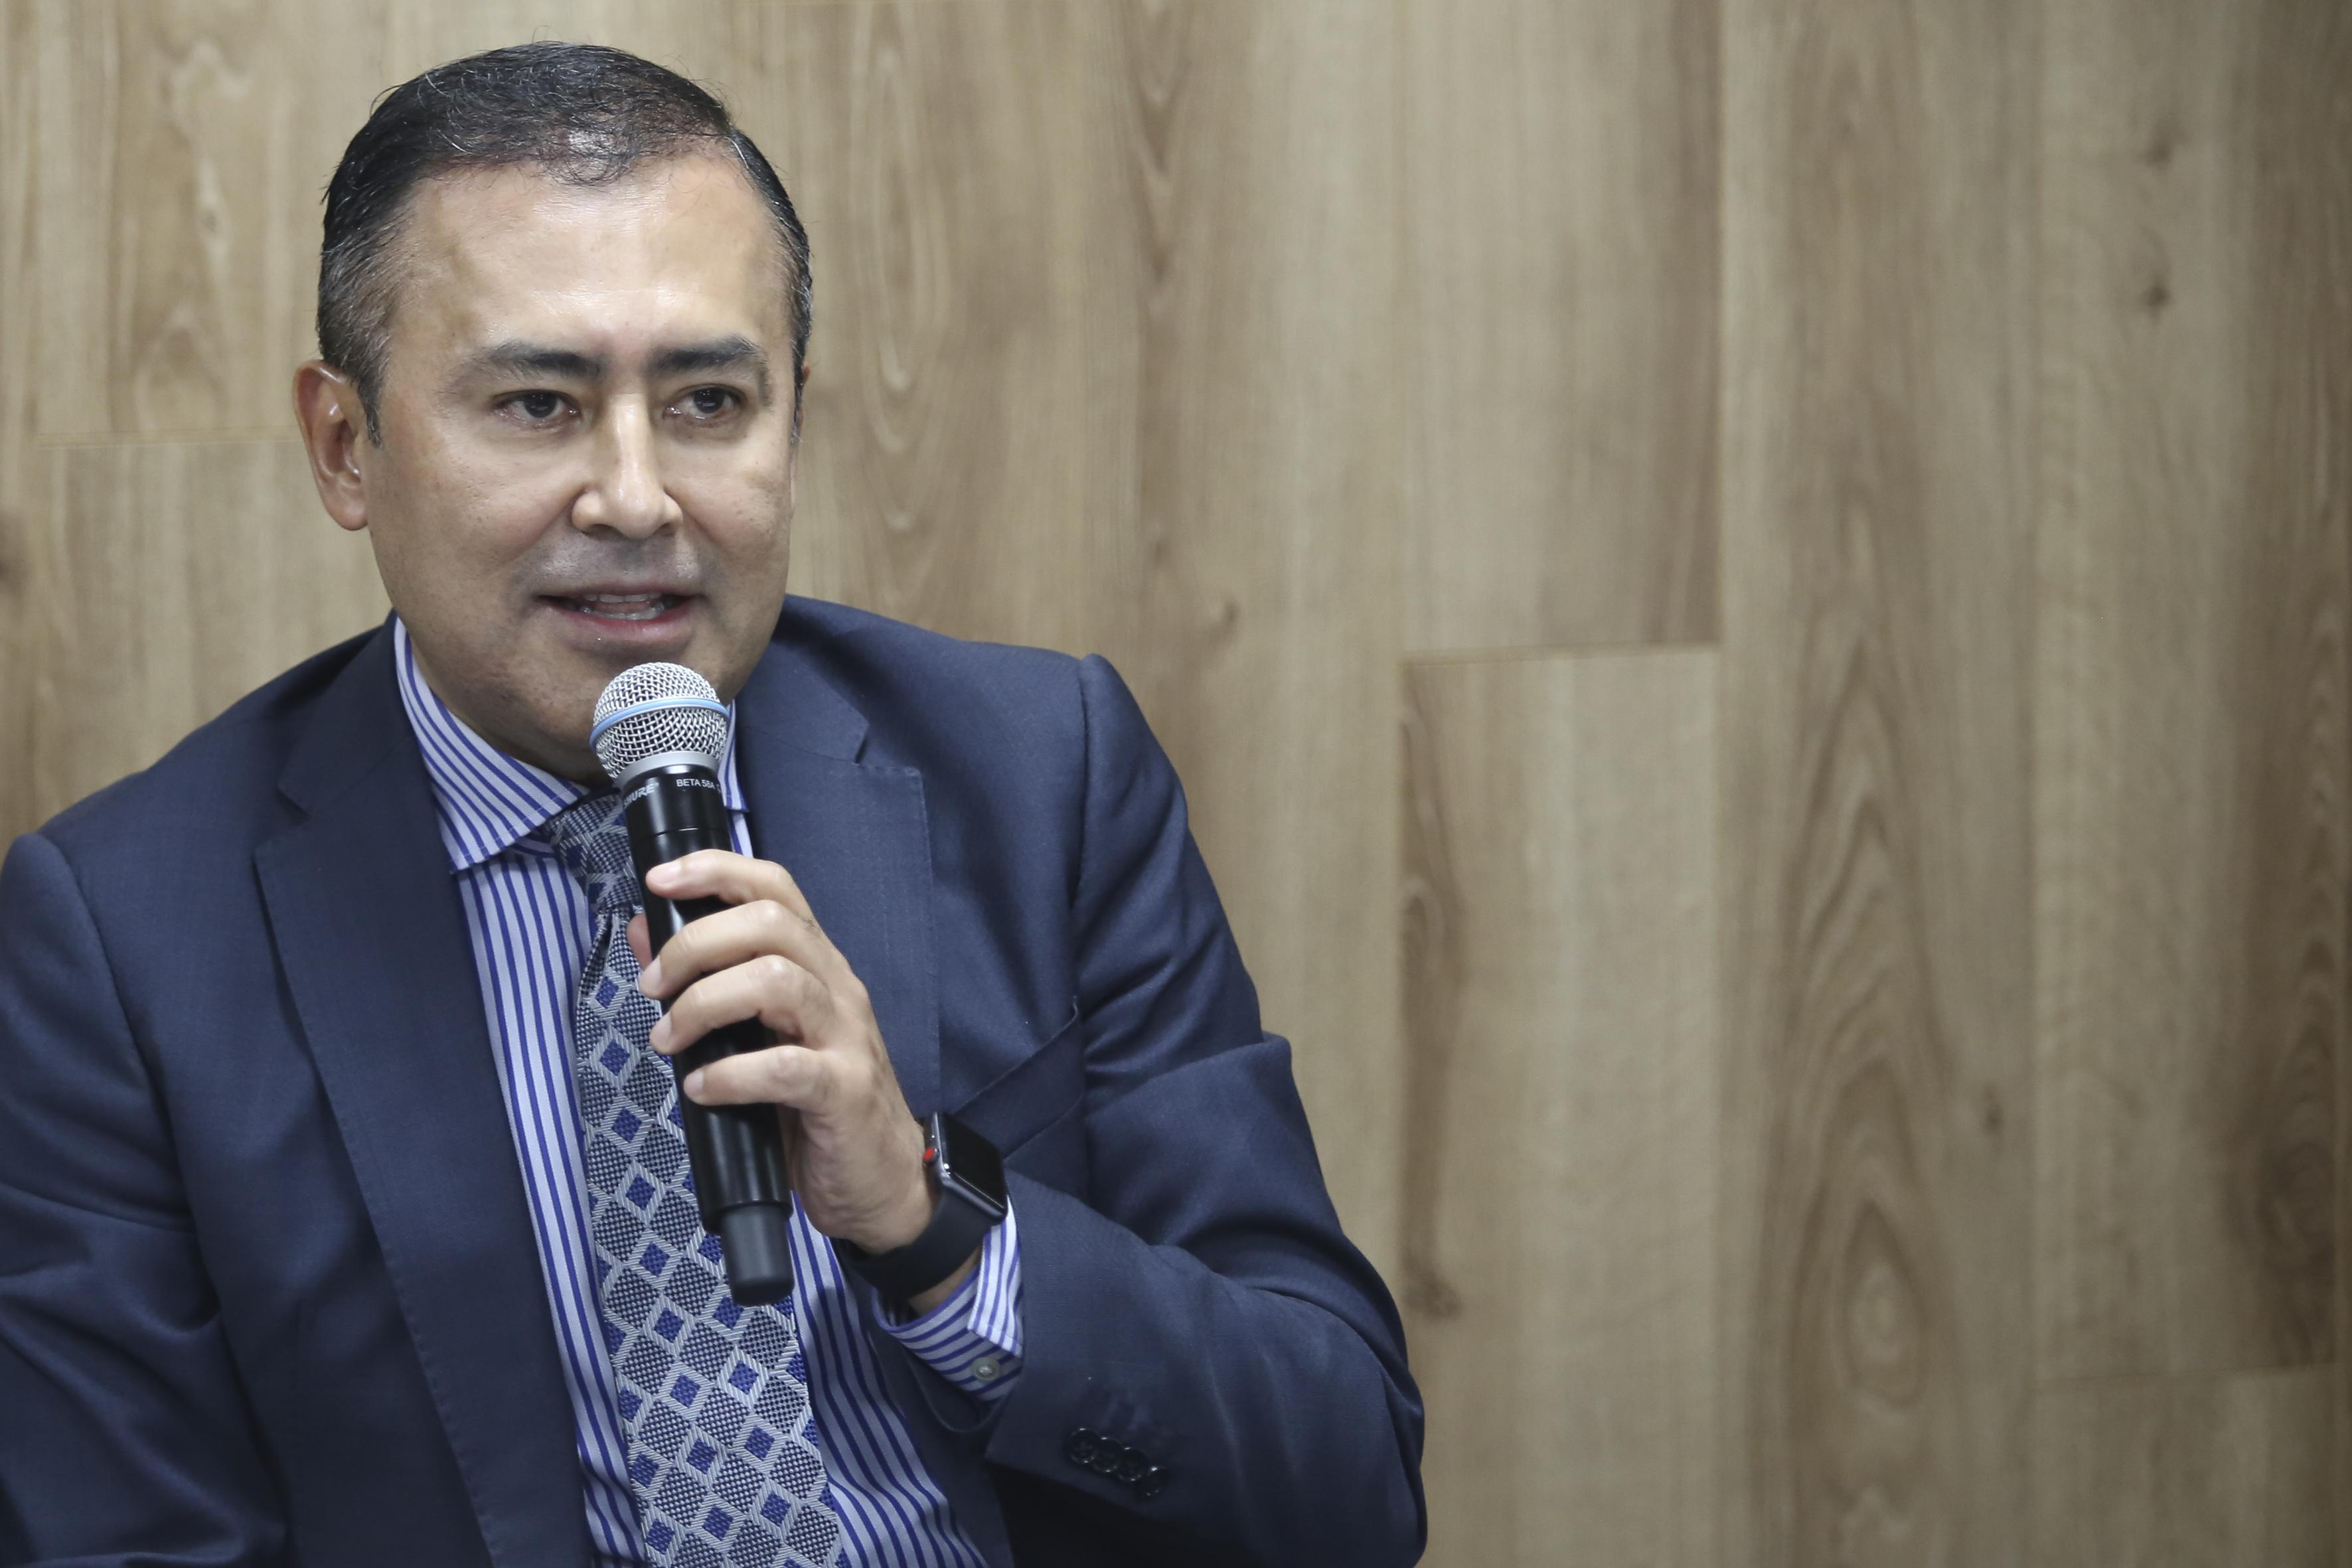 Dr. Jaime Andrade al micrófono en la rueda de prensa